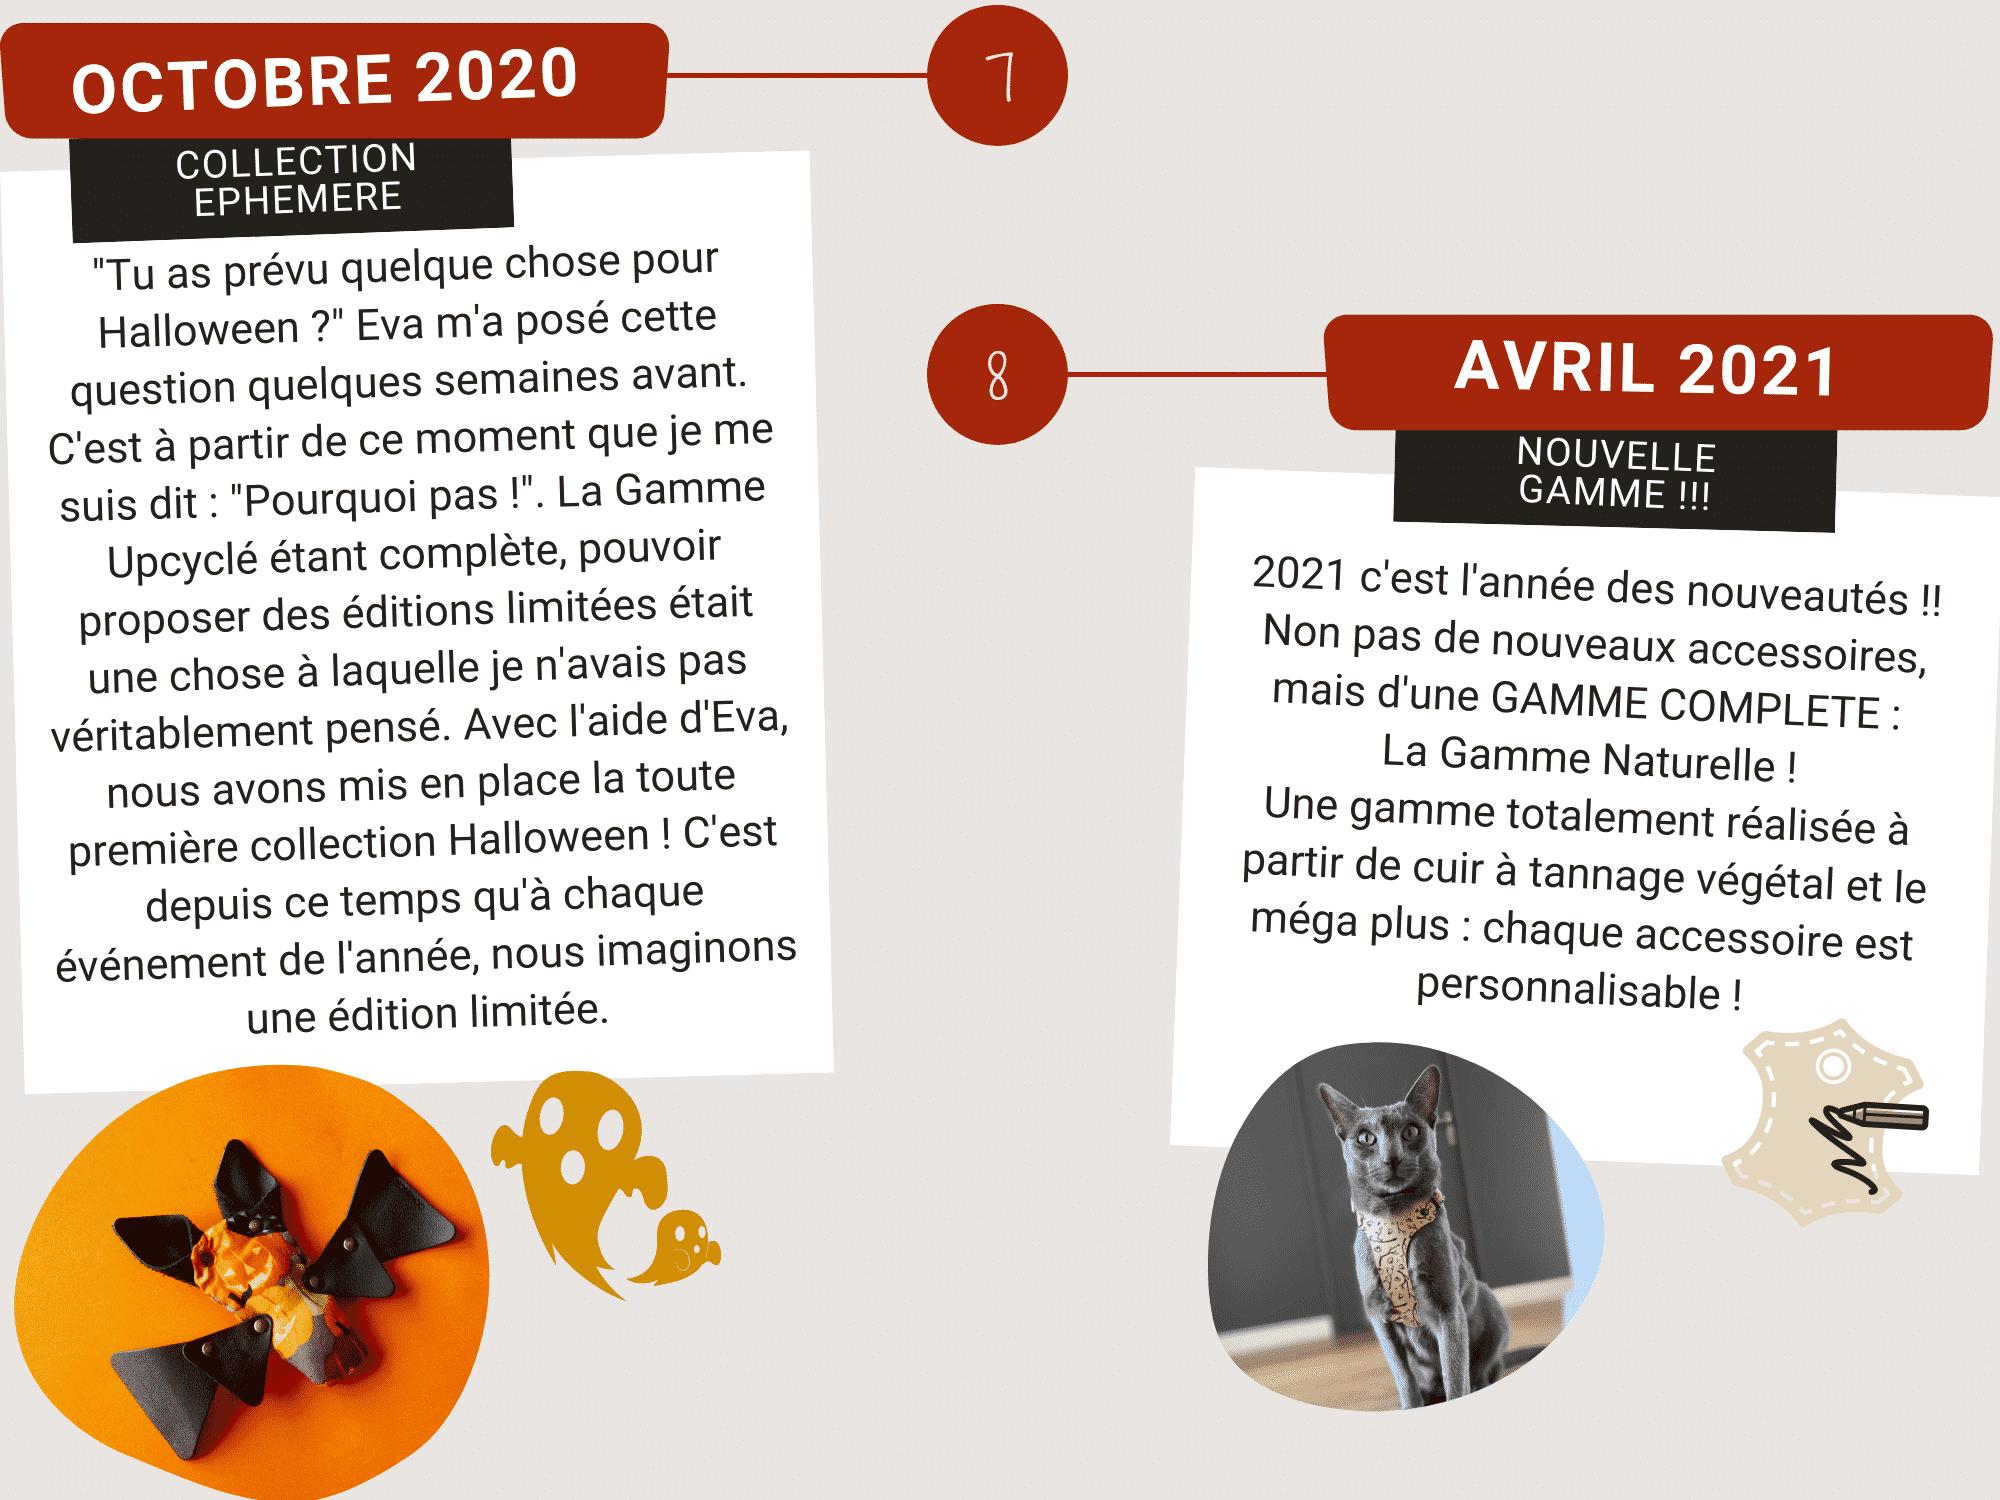 Nominoo en Octobre 2020 et avril 2021. Collection ephemere et nouvelle gamme.